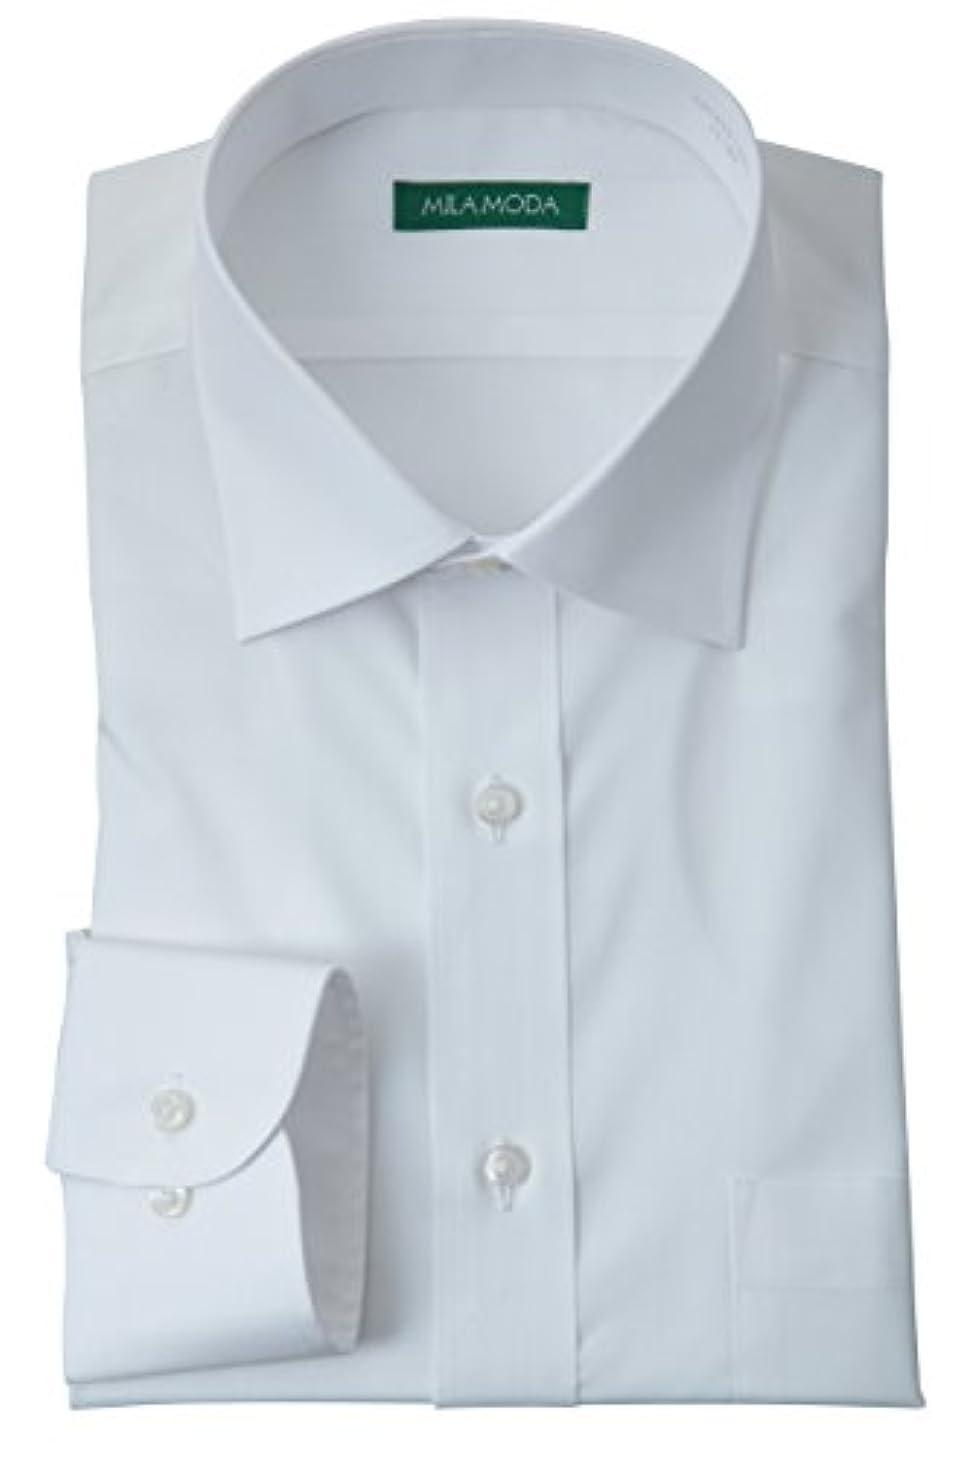 間違えた砲兵石【袖丈が選べる36サイズの品揃え】 洗える 形態安定加工 長袖 セミワイドカラー ワイシャツ ホワイト 無地